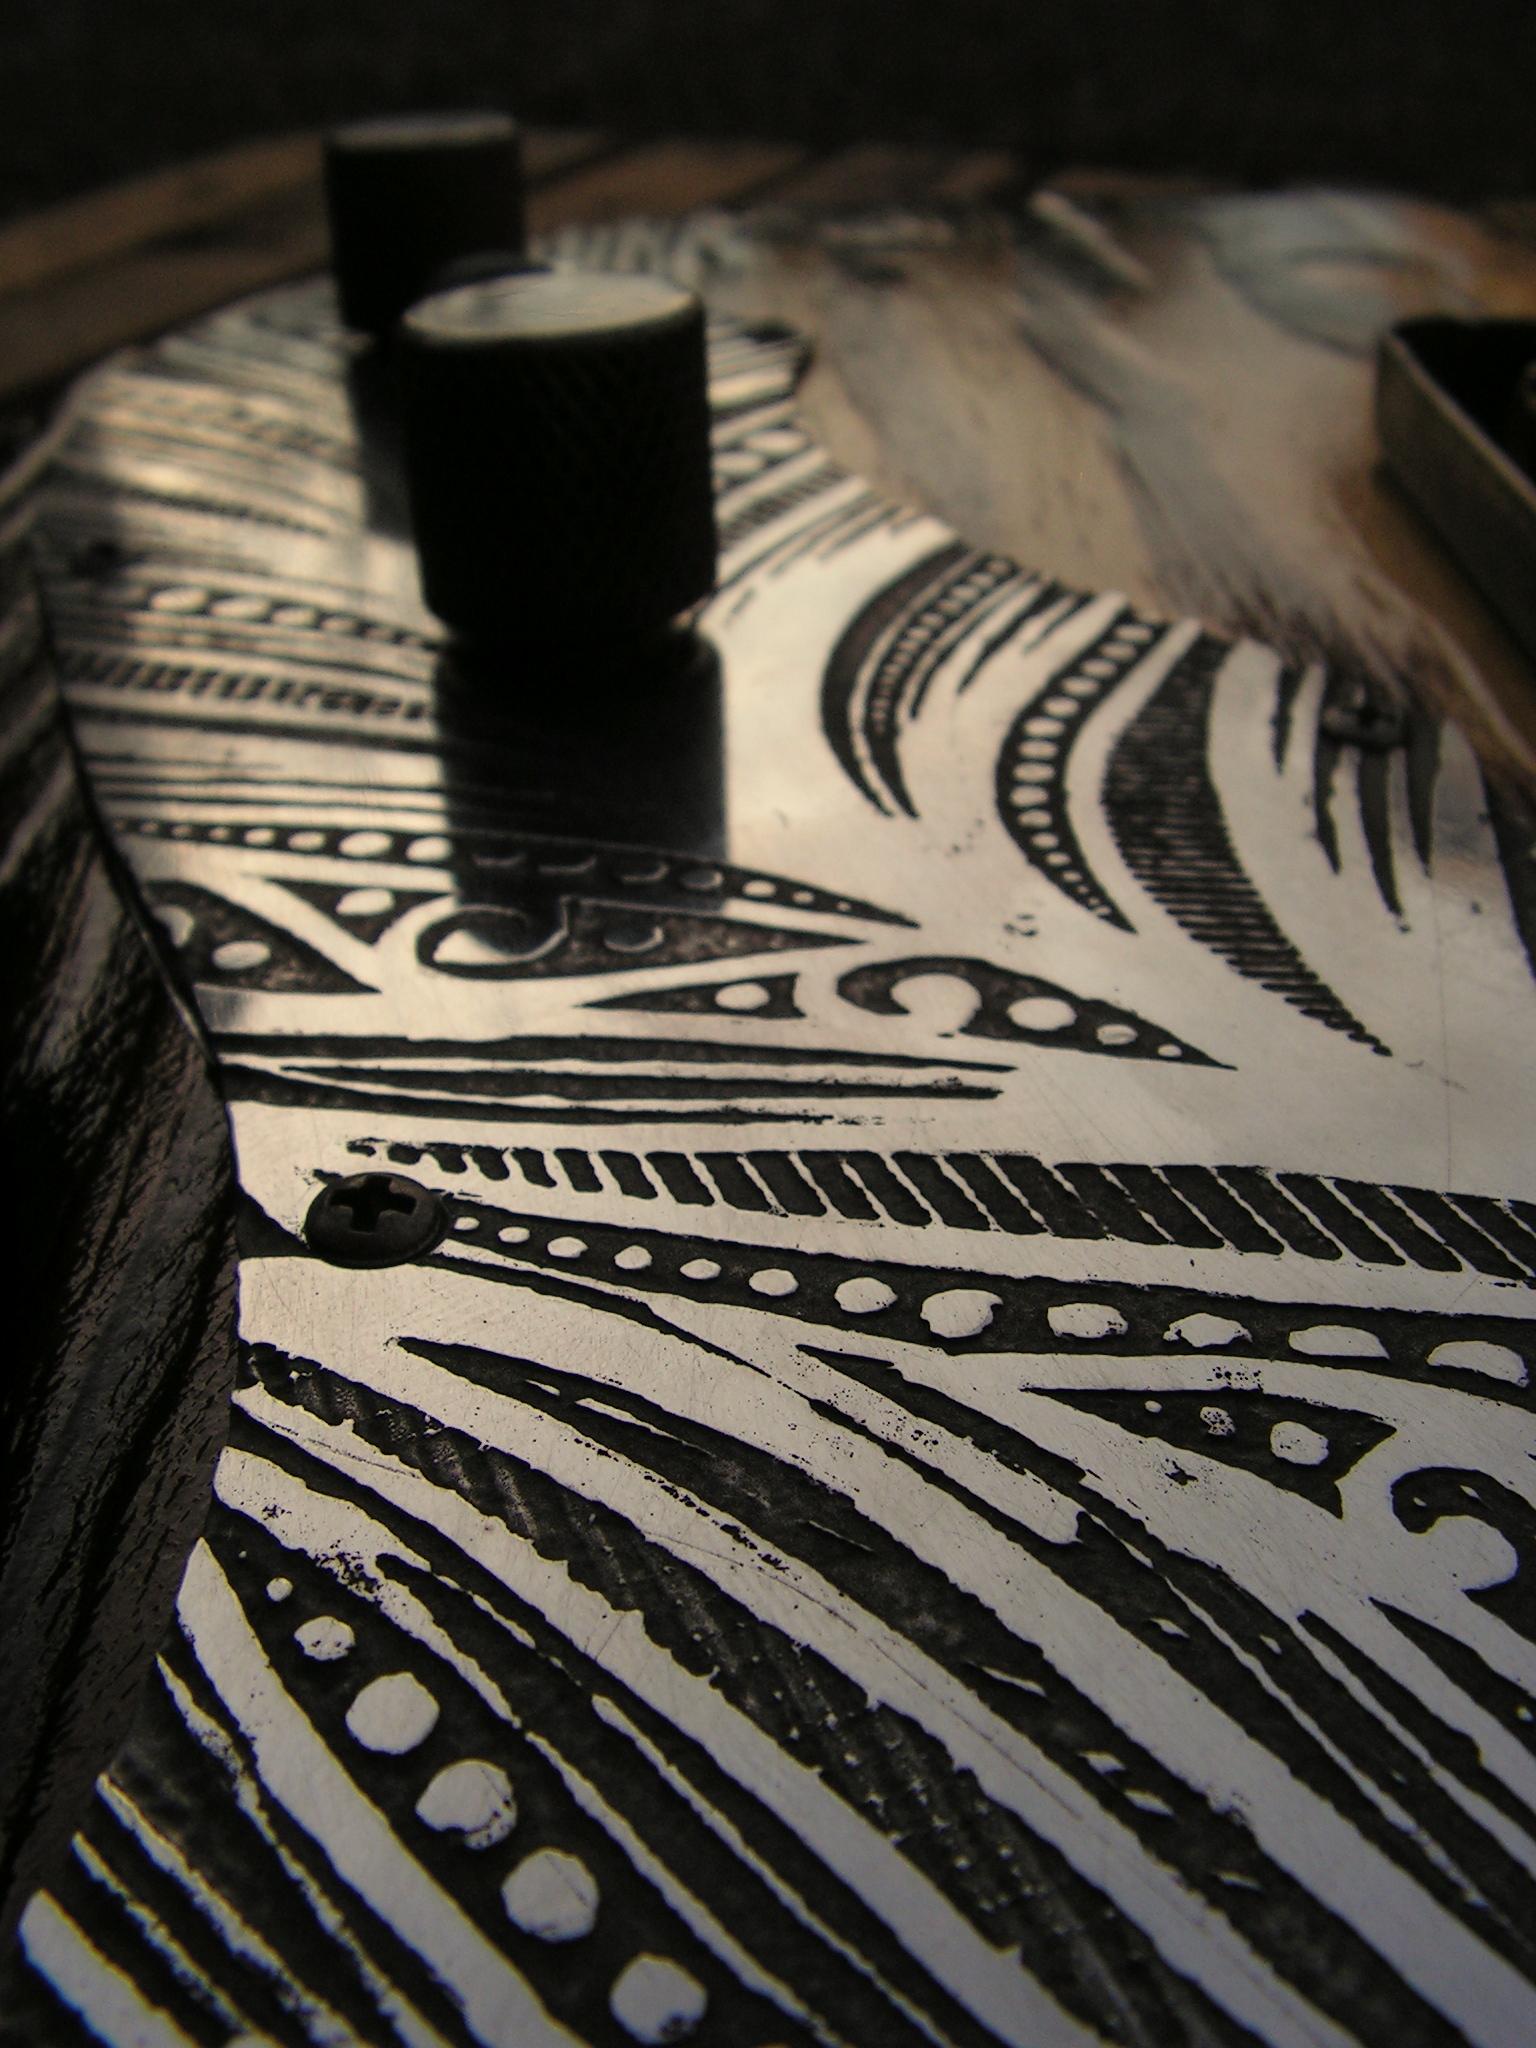 Dettaglio del battipenna inciso di una Telecaster Thinline in pino